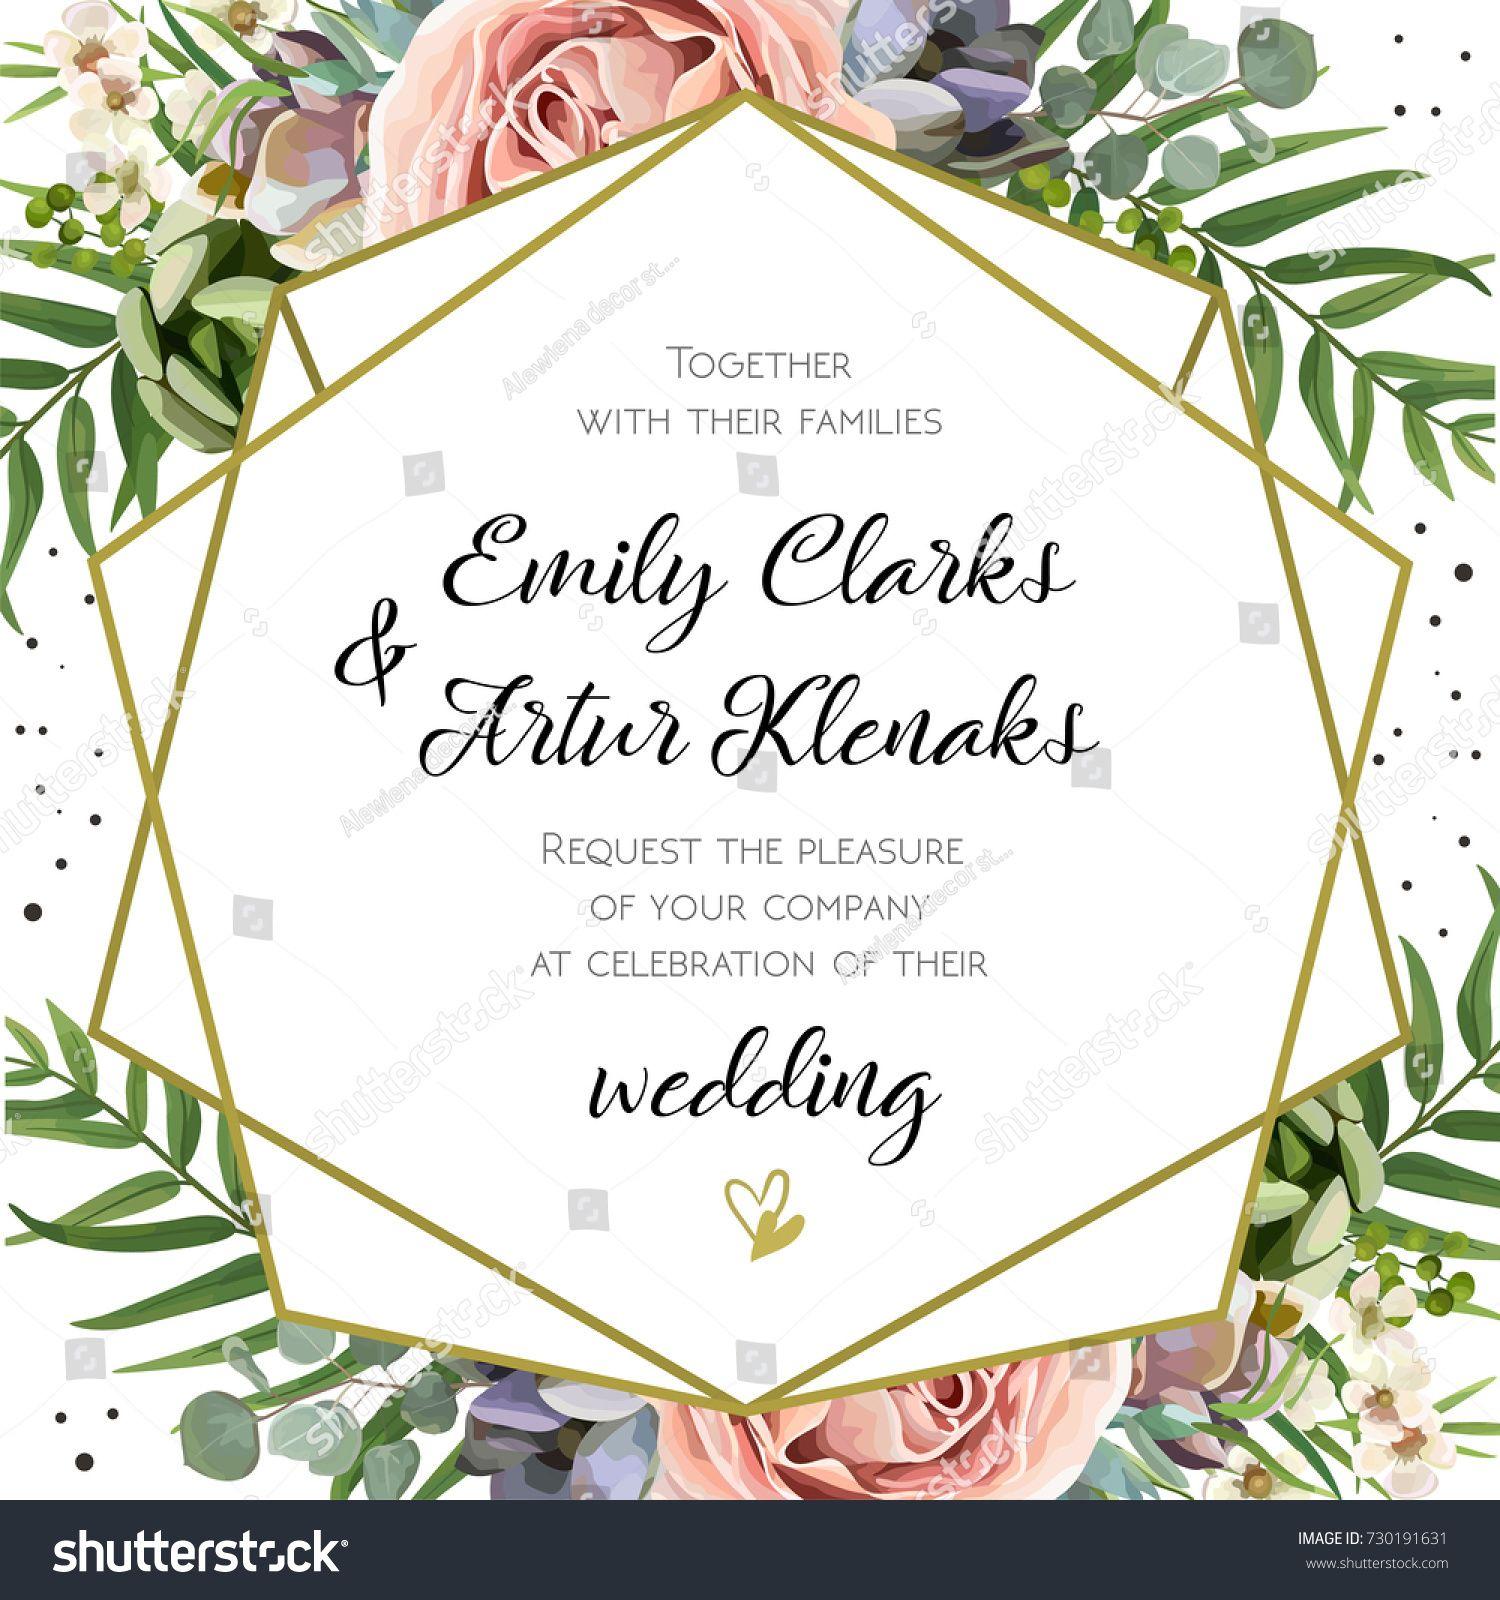 Wedding Invitation, Floral Invite Card Design: Peach